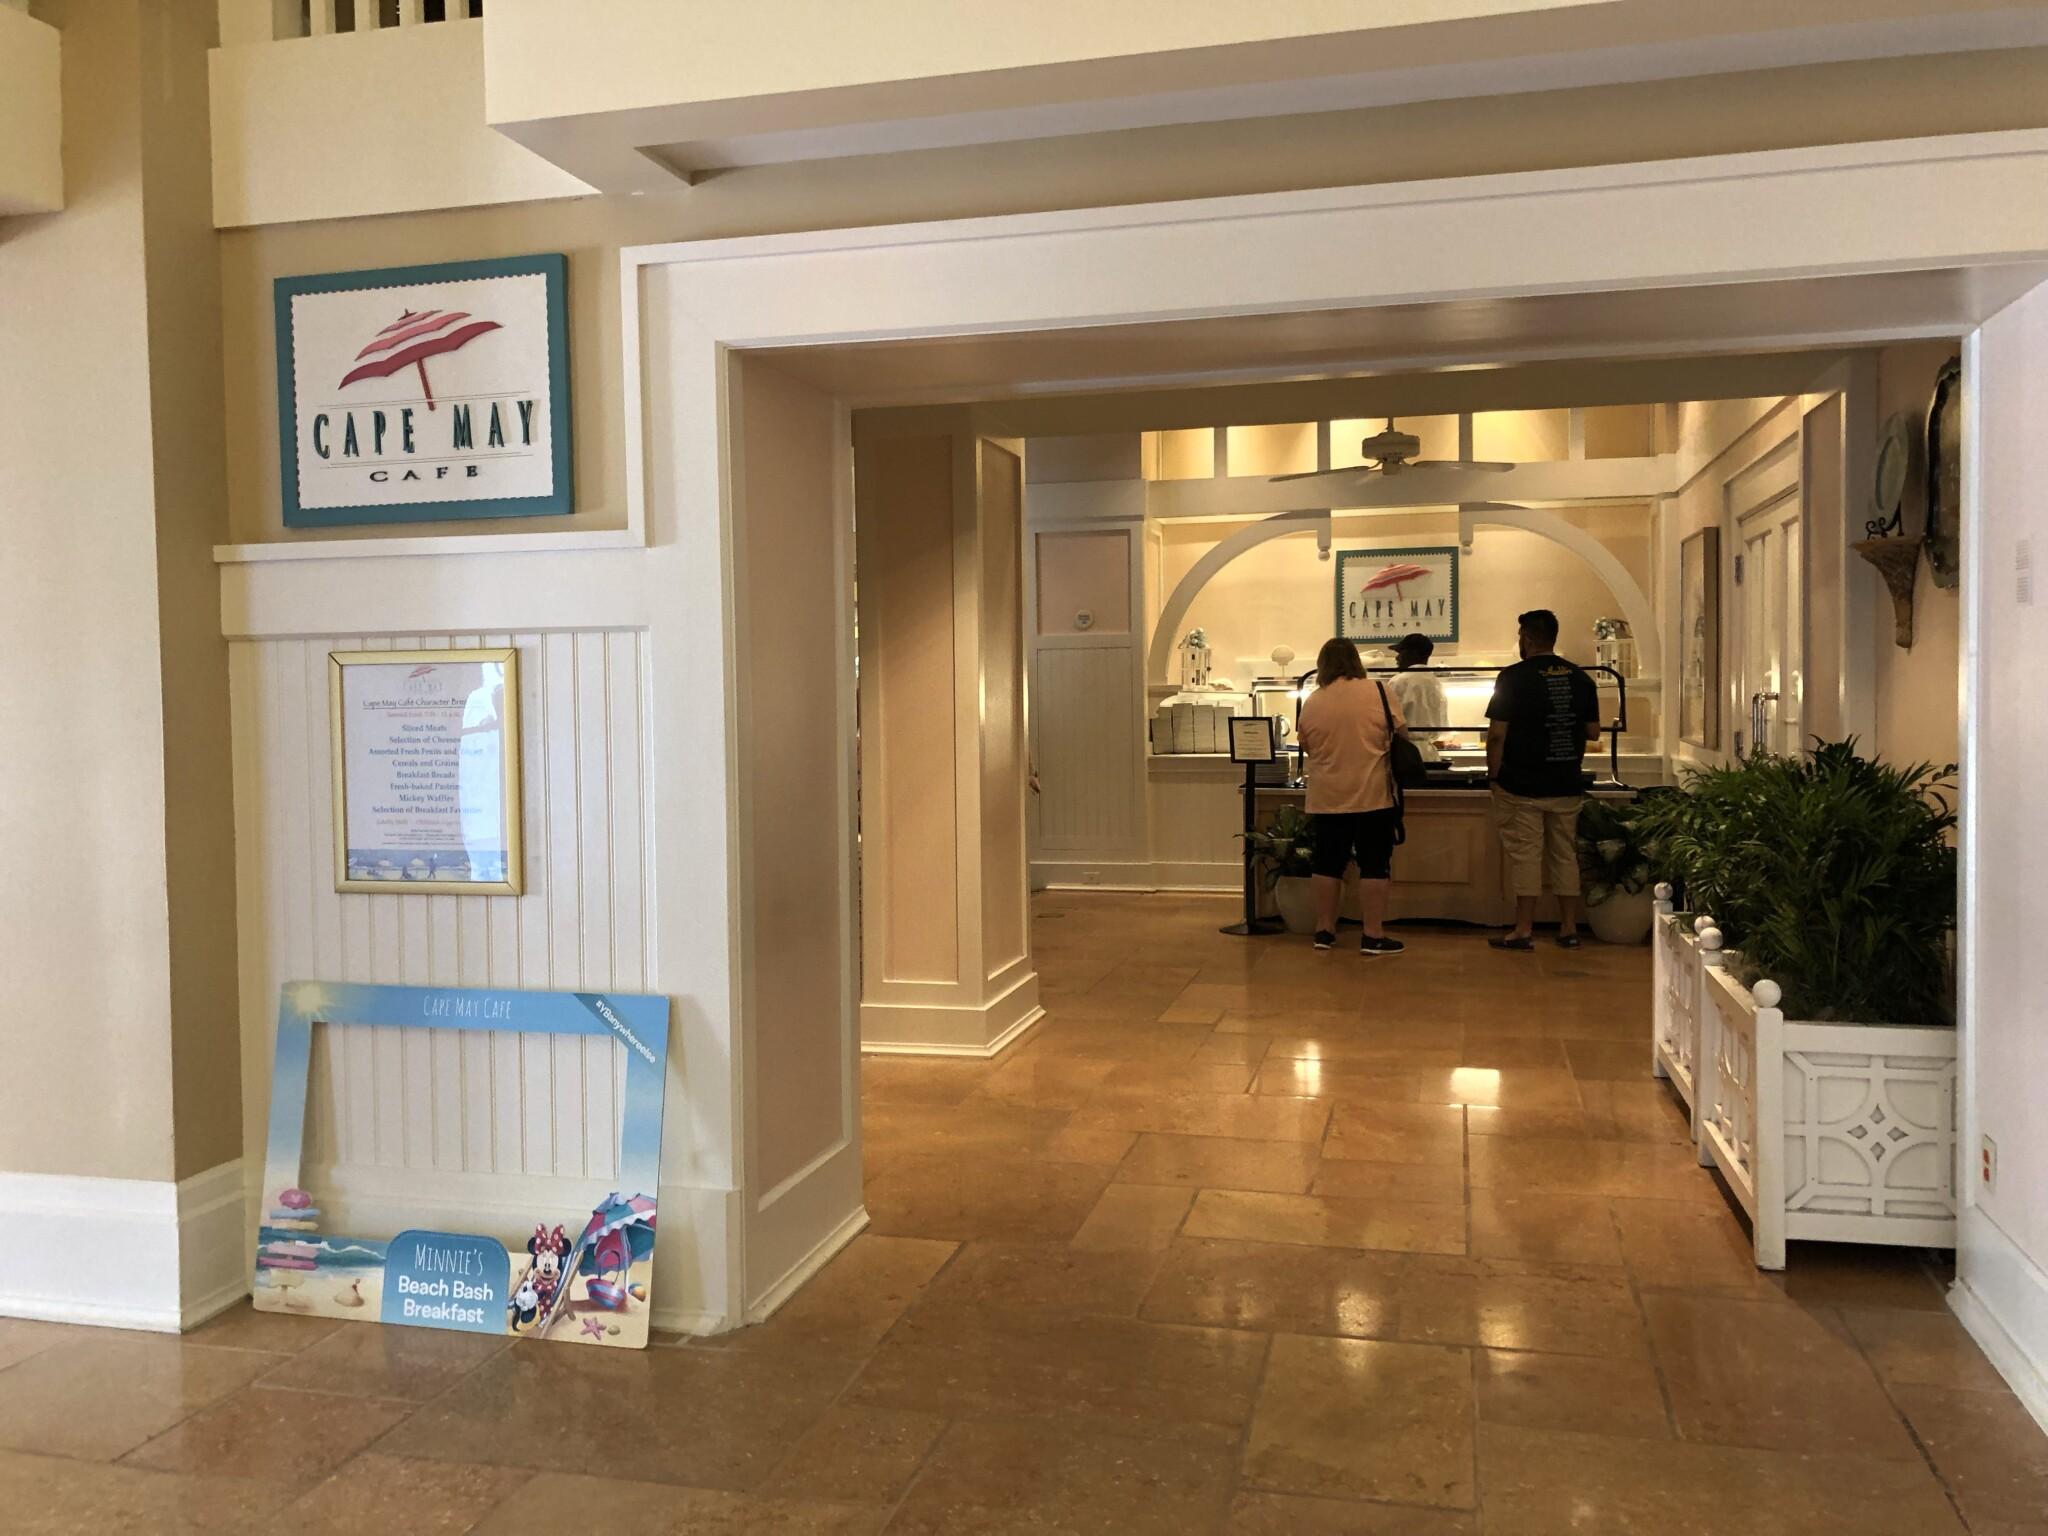 2 semaines en Floride avec un bébé de 1 an - Séjour du 2 au 16 mai 2019 DCL + WDW - Page 18 IMG_3907-2048x1536